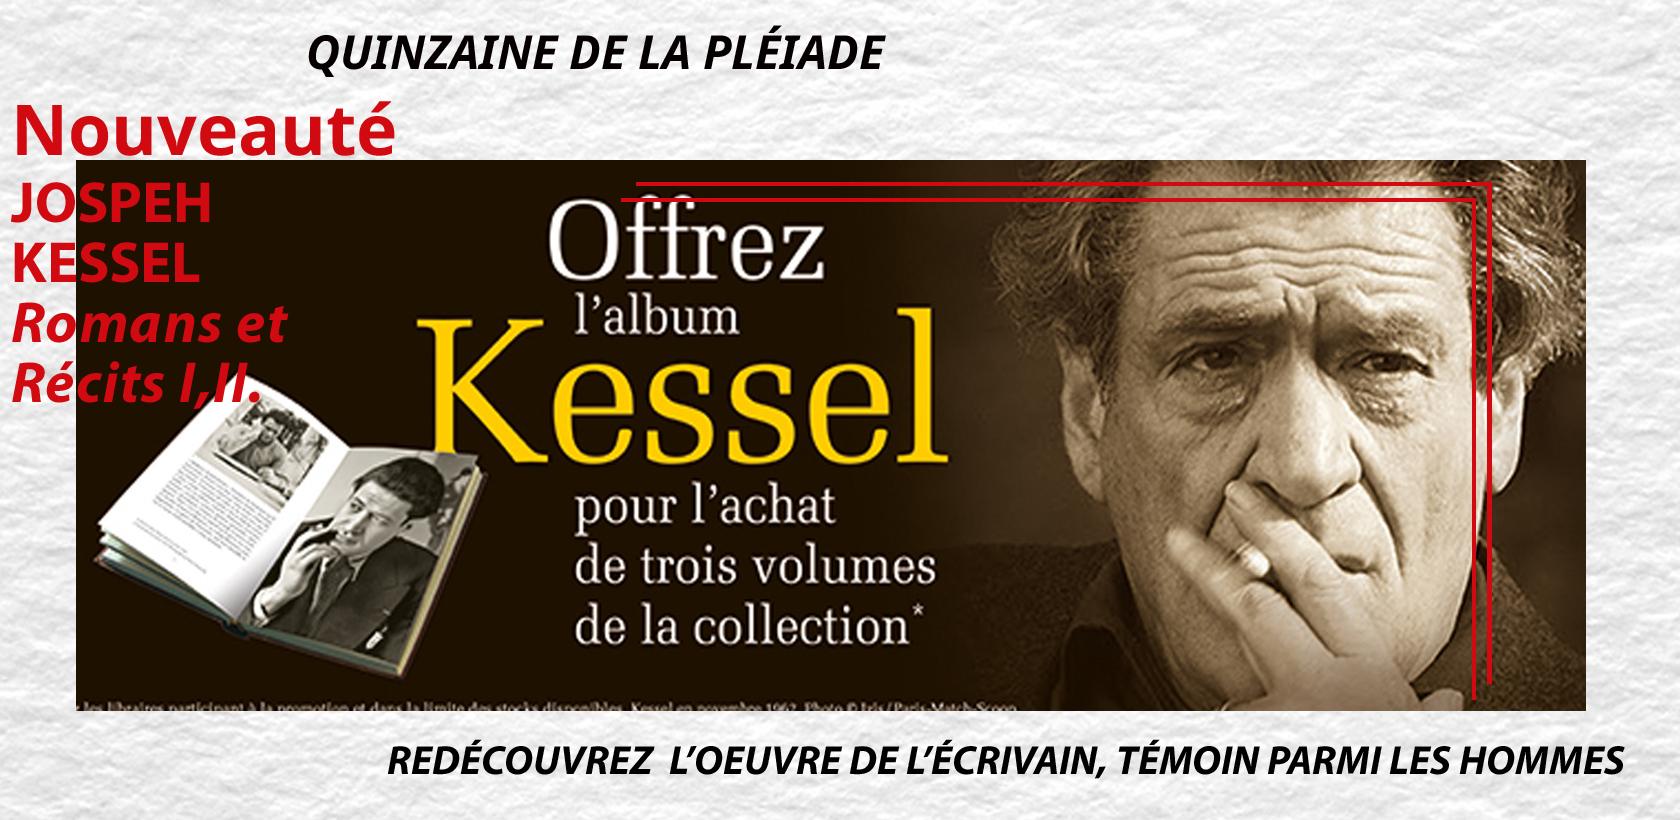 Joseph Kessel entre dans la bibliothèque de La Pléiade